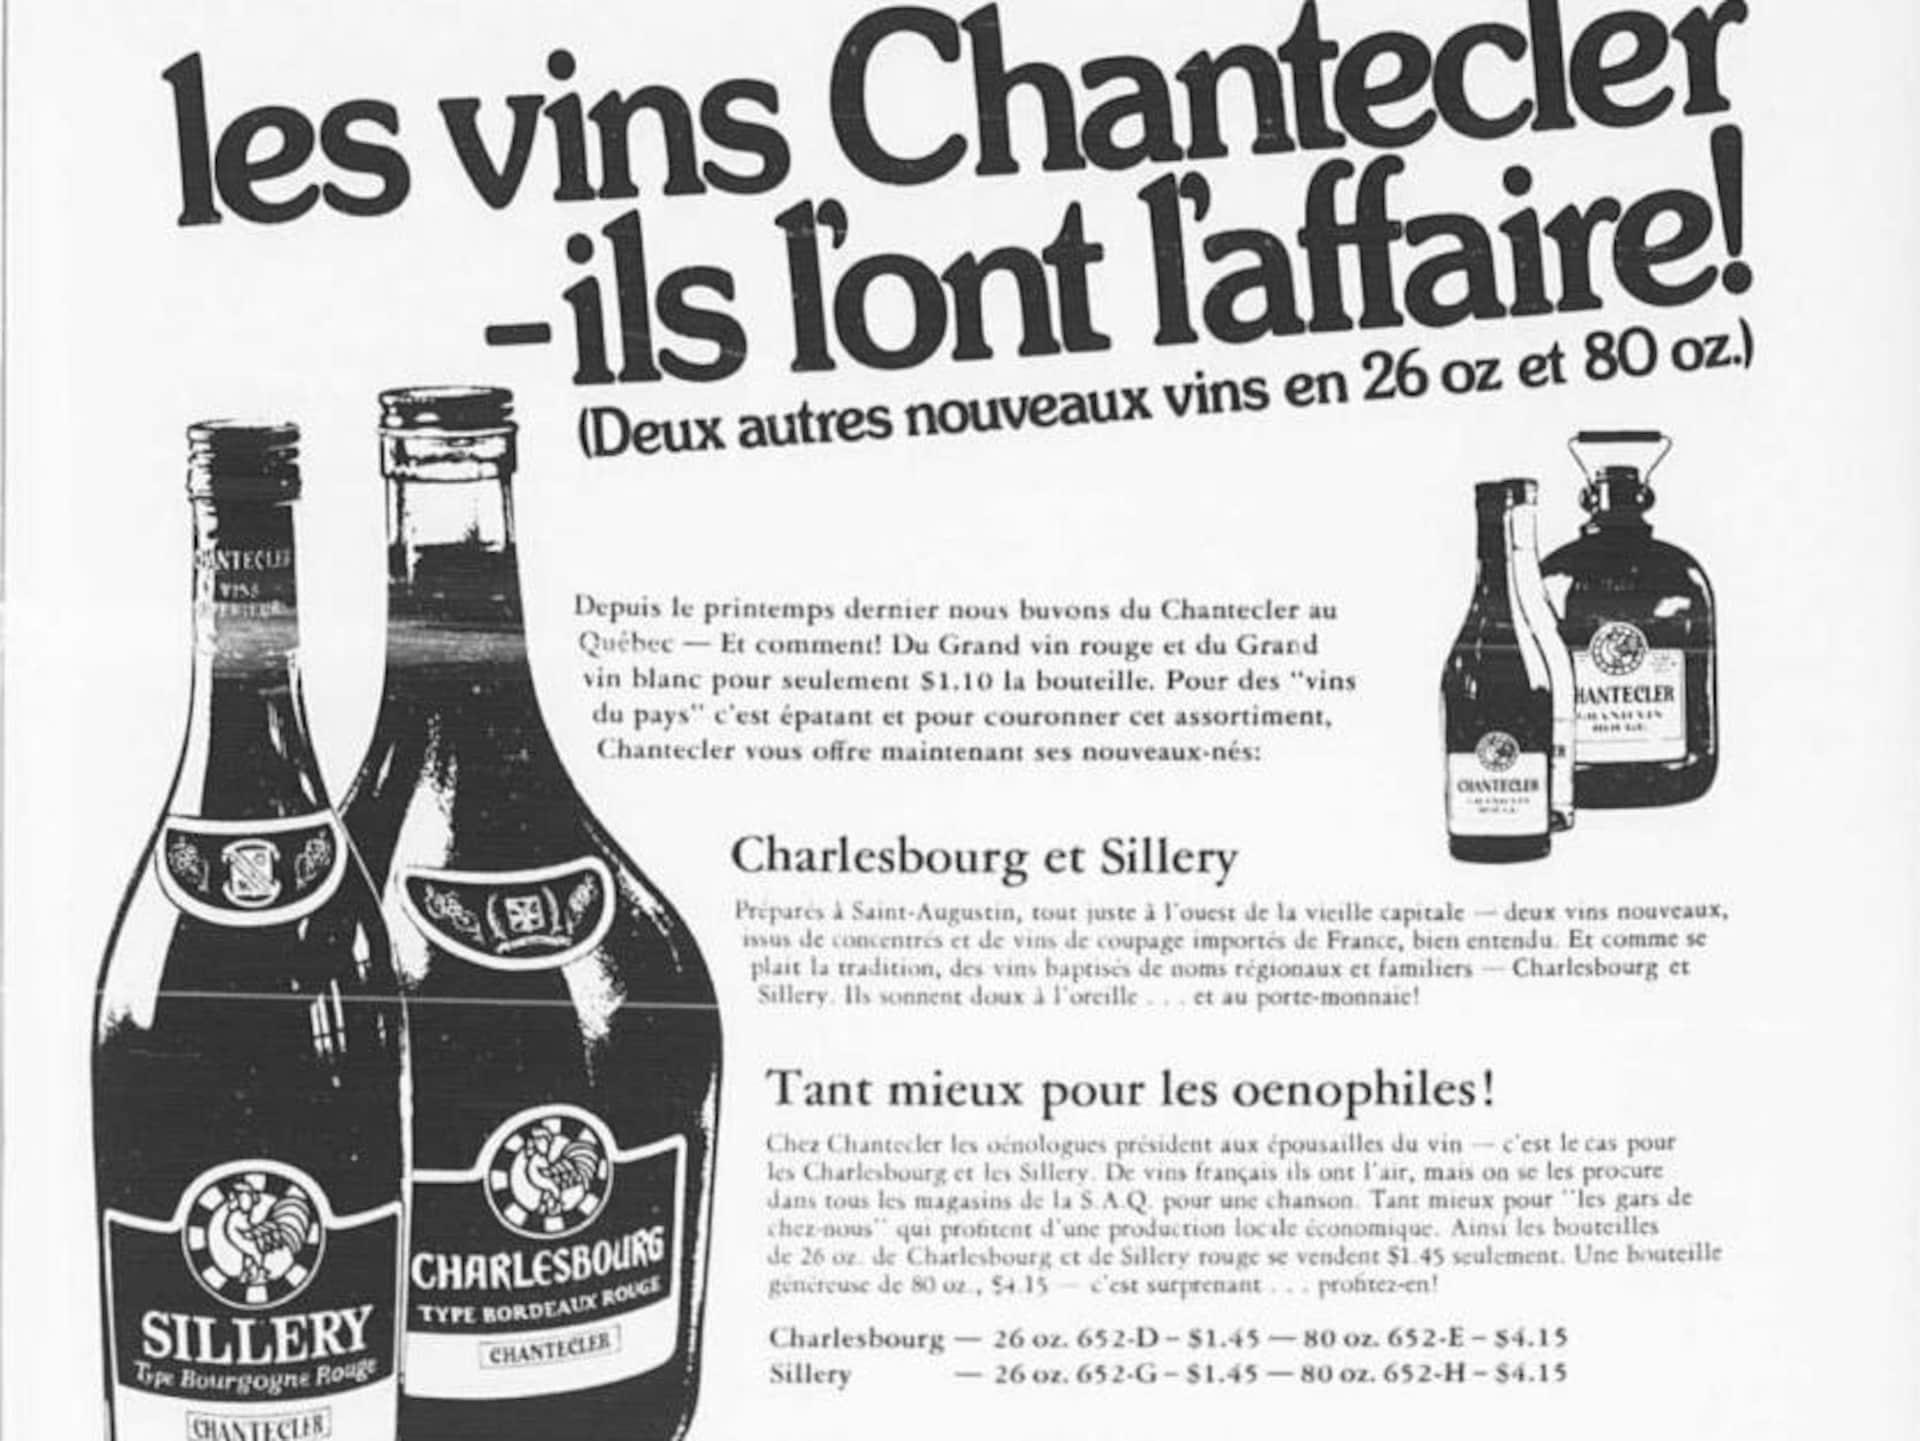 Une annonce pour les vins Chanteclerc tirée du journal. Les vins Chantecler, ils l'ont l'affaire, clame le slogan! Les cuvées Sillery et Charlesbourg viennent de faire leur apparition, en format de 26 et 80 onces.